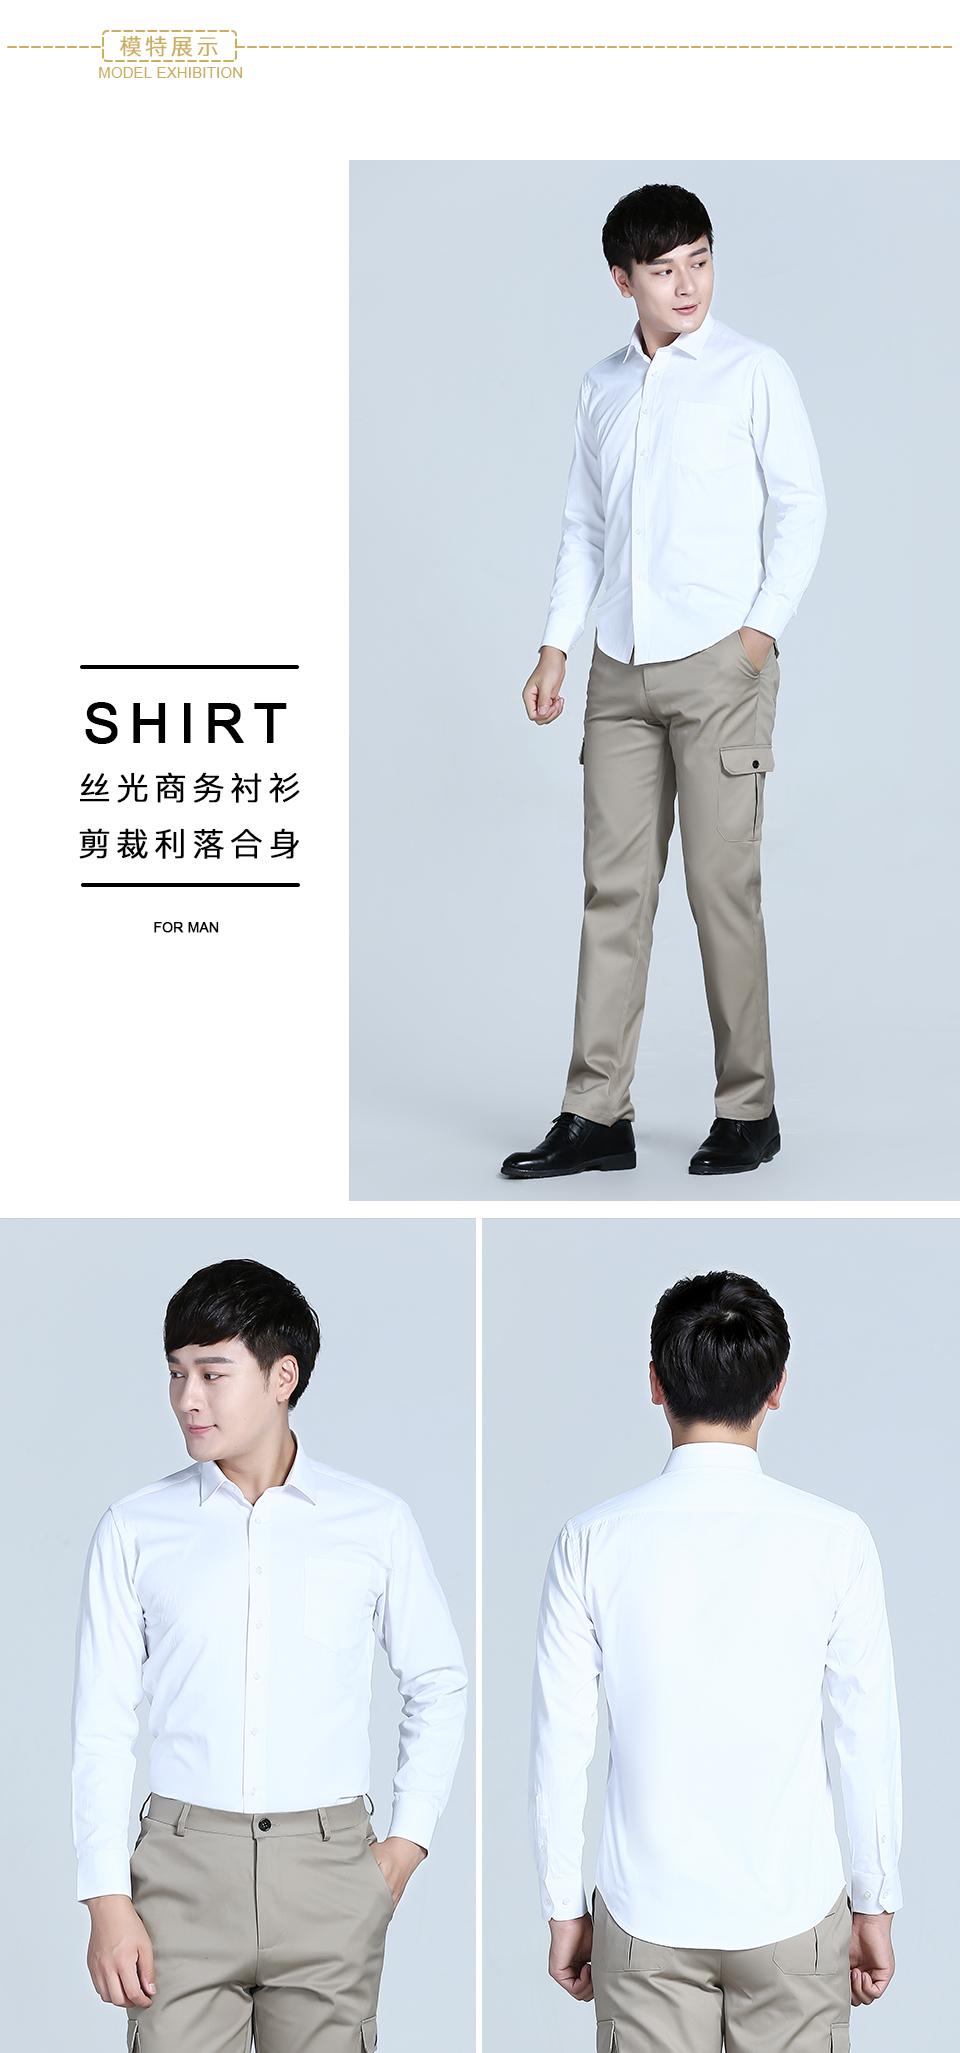 衬衫浅蓝女浅蓝色条纹60棉80双织长袖衬衫